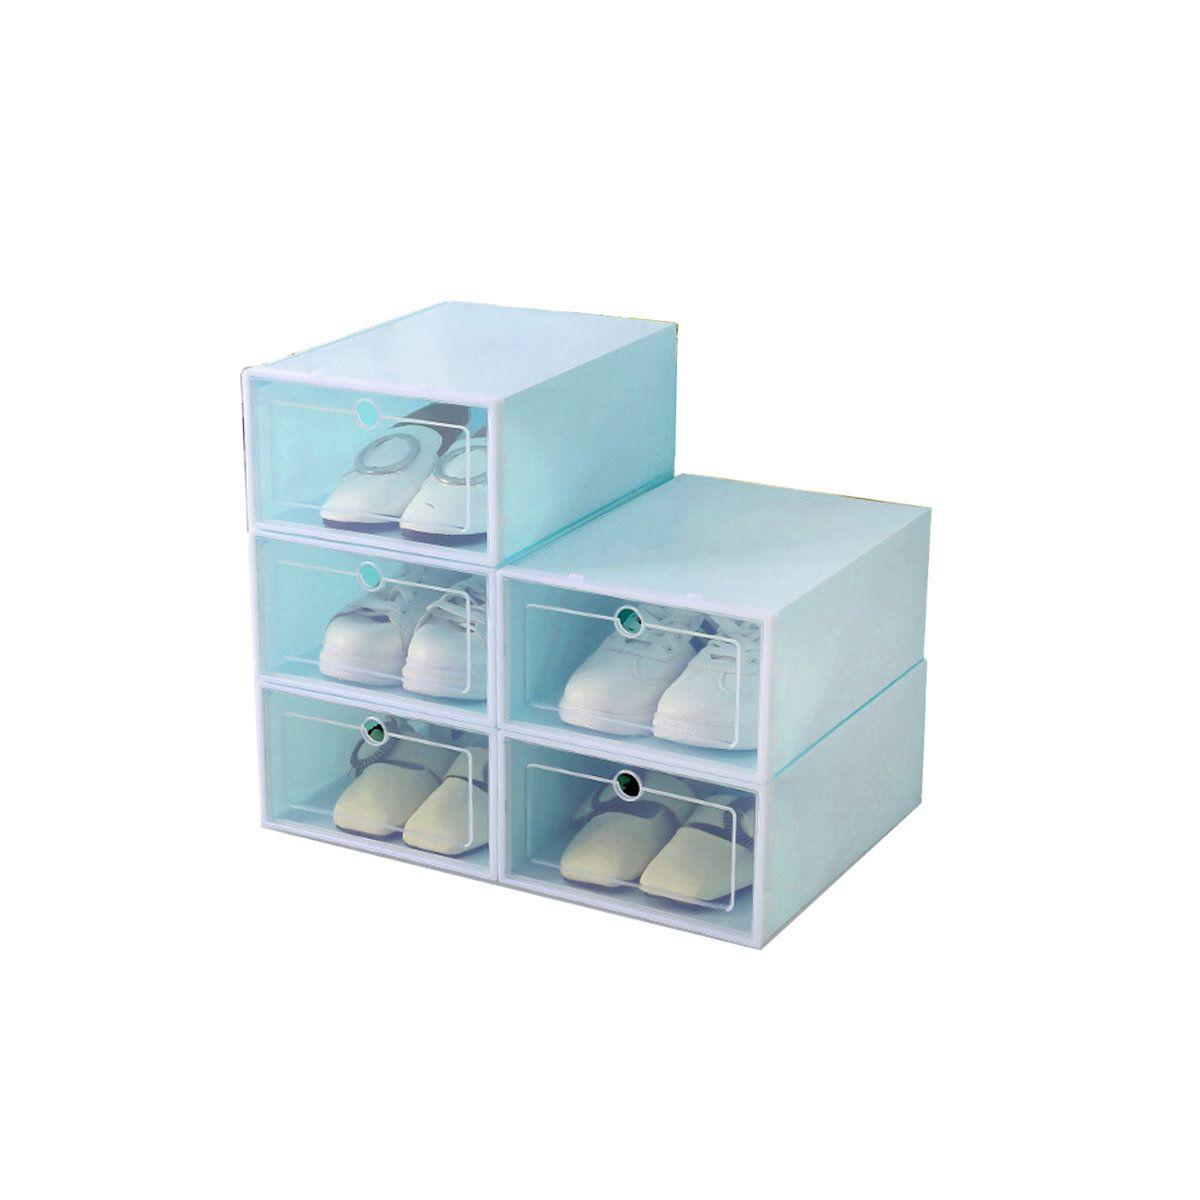 خزانة الأحذية المصنوعة من القماش ومواسير الحديد خزائن قماش للأحذية دولاب وخزانة أحذية متنقلة من Shoe Rack Home